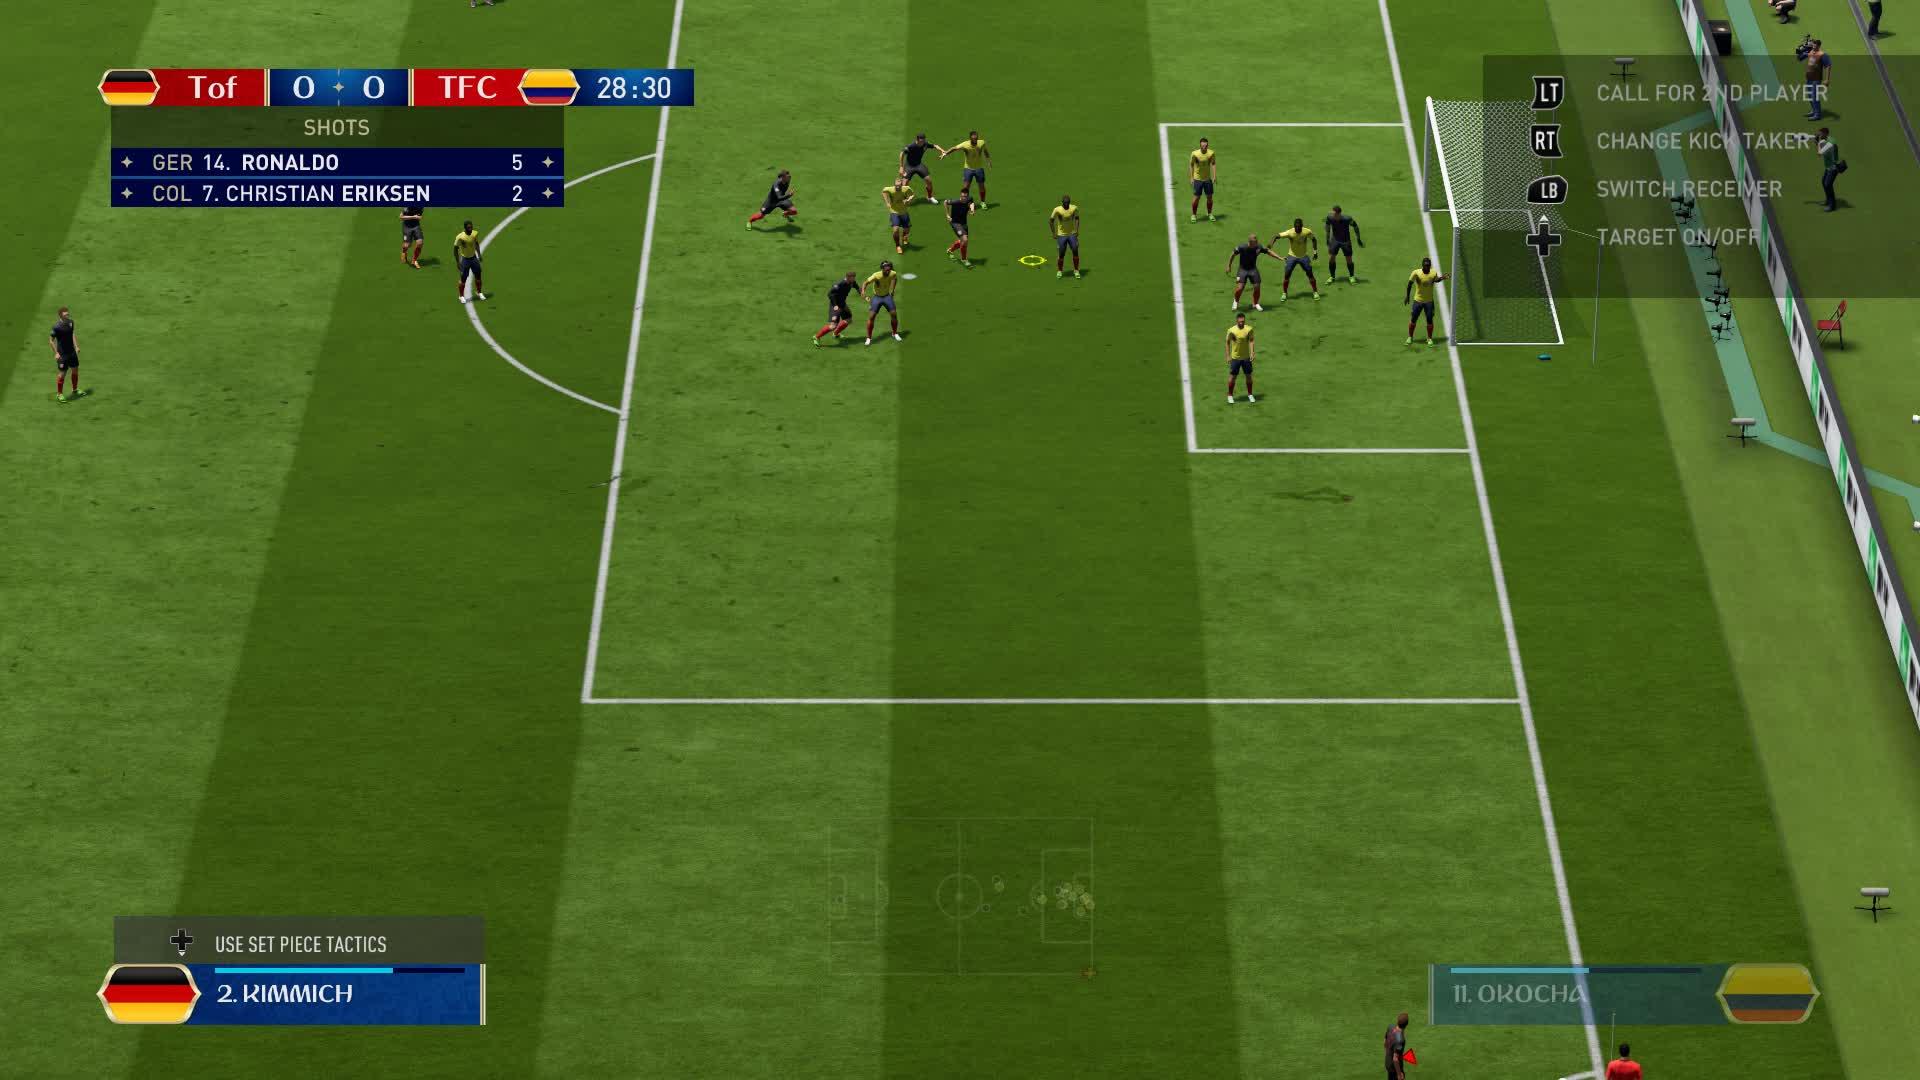 Fifa 18, fifa, soccer, Leon Goretzka is the GOAT. GIFs